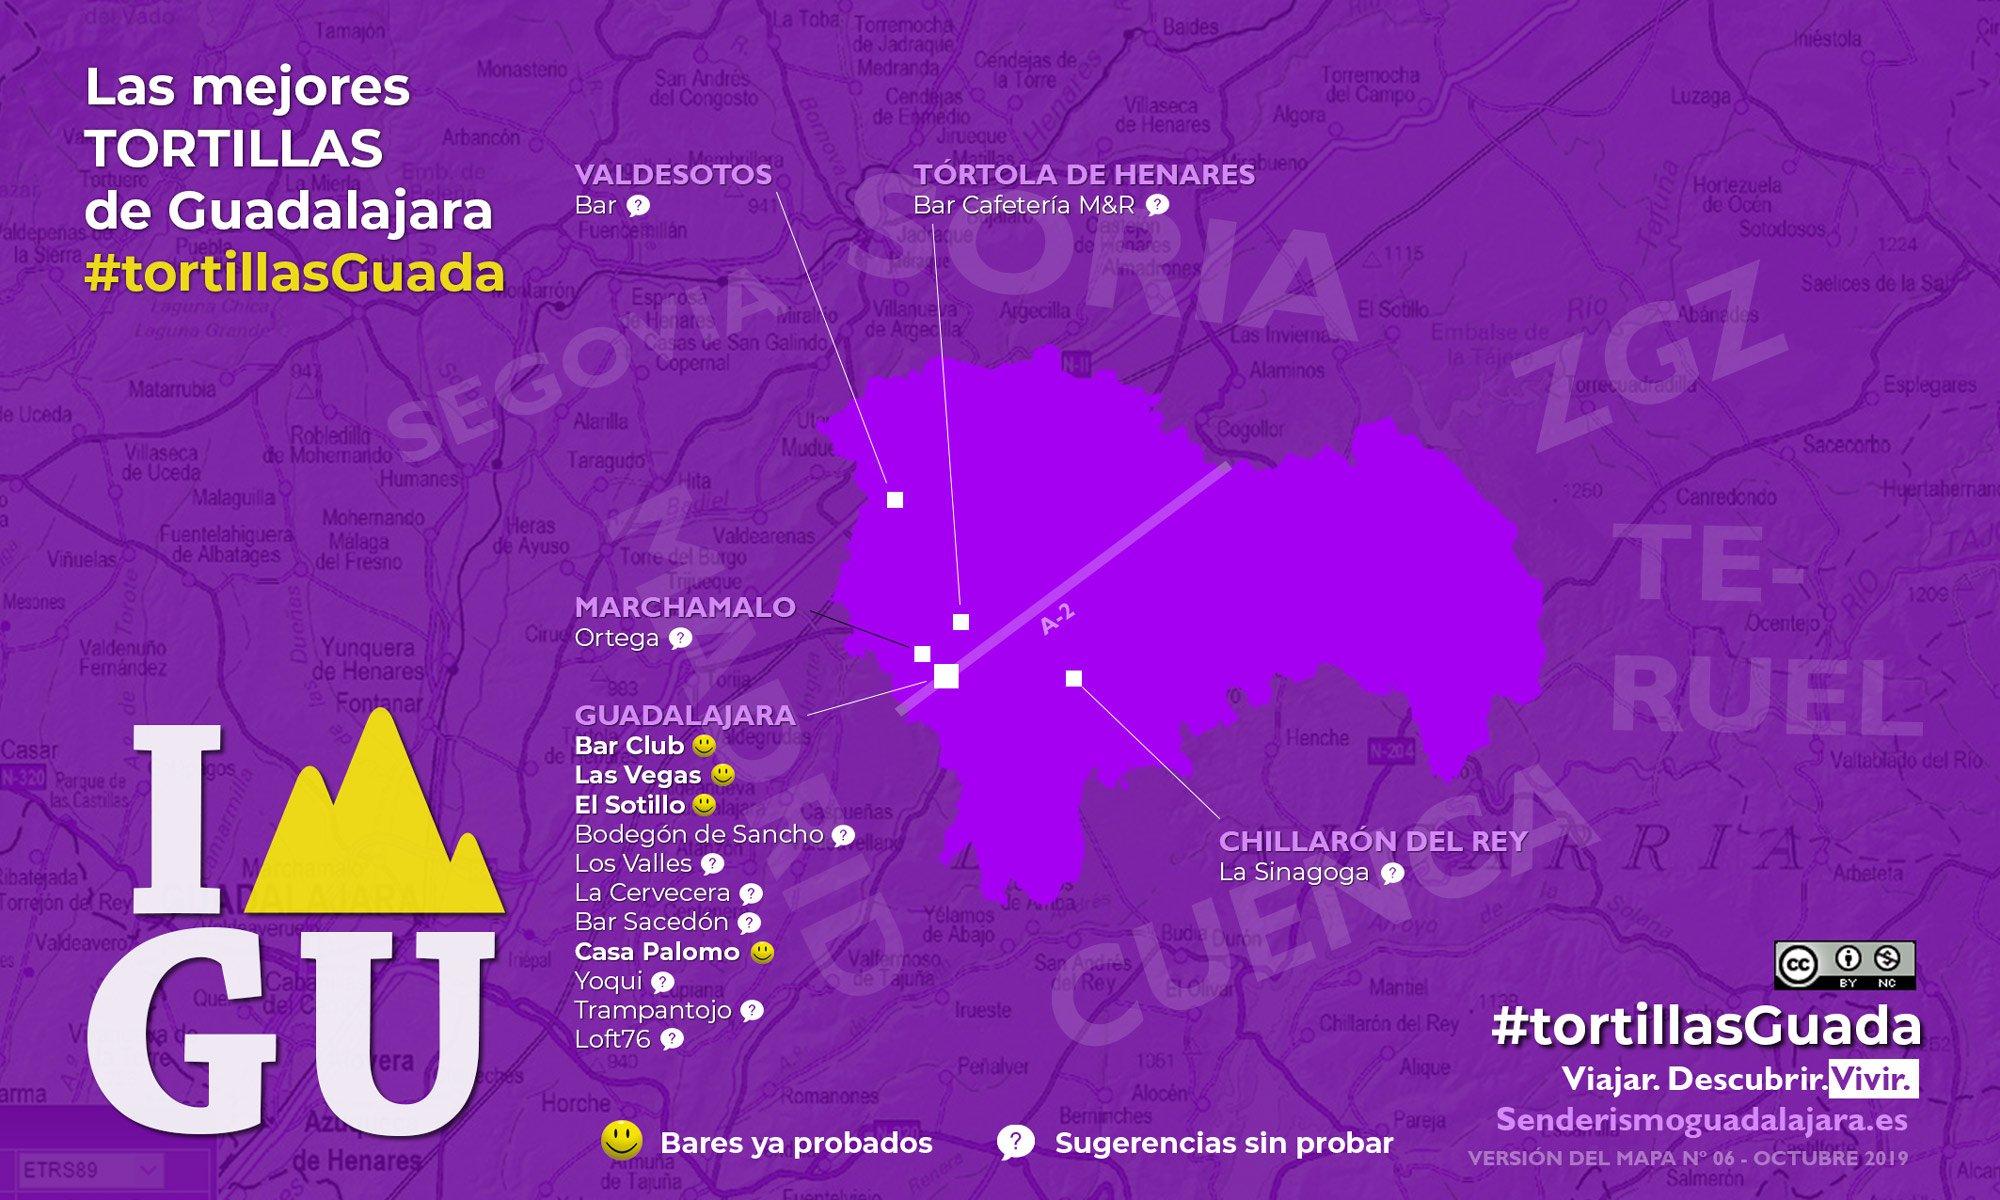 ¿Quieres saber dónde están las mejores tortillas de patatas de Guadalajara?